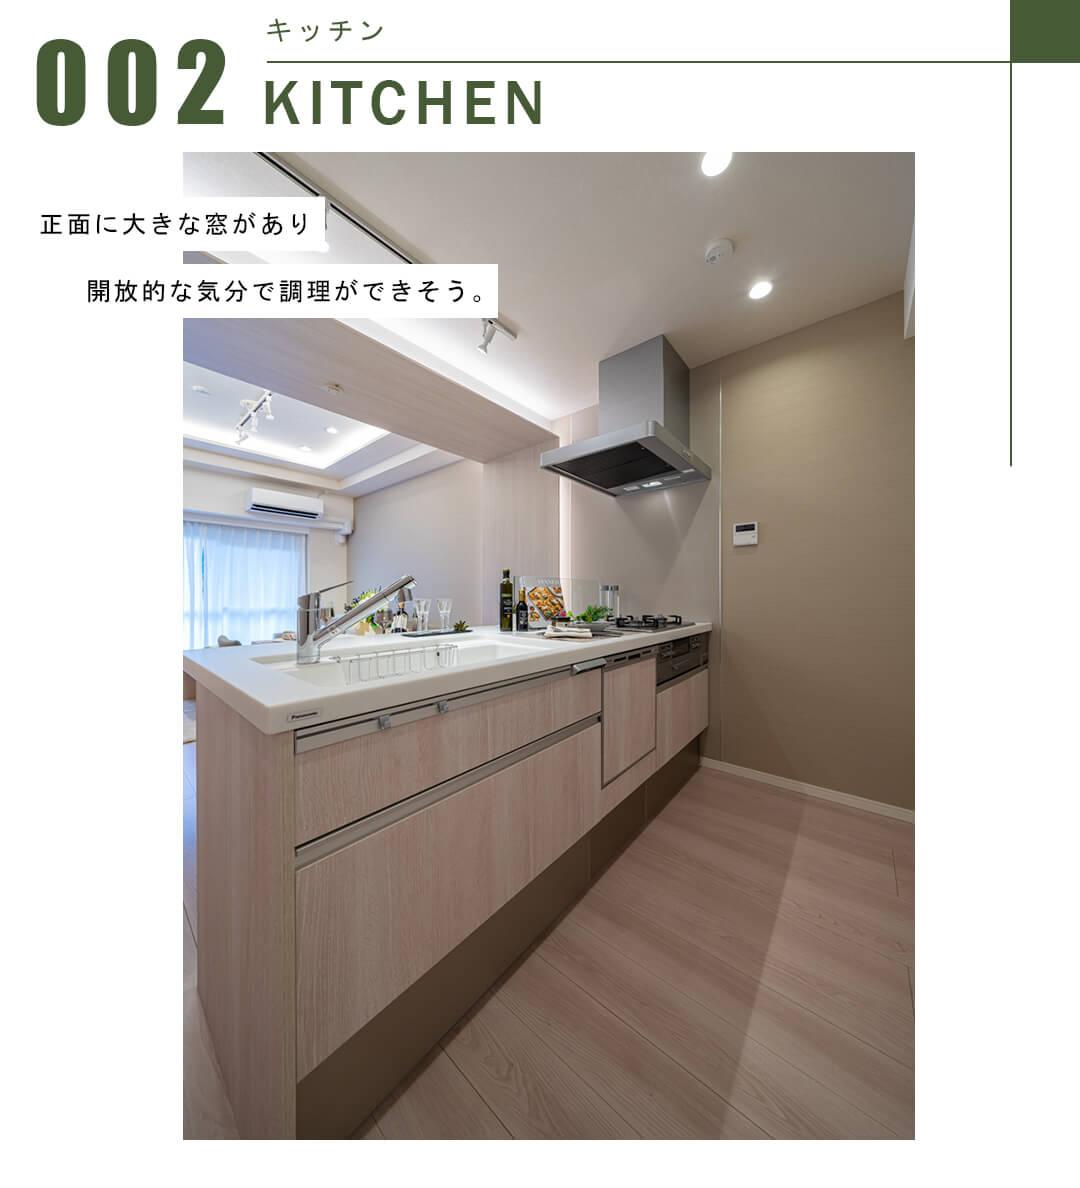 永谷リヴュール新宿のキッチン